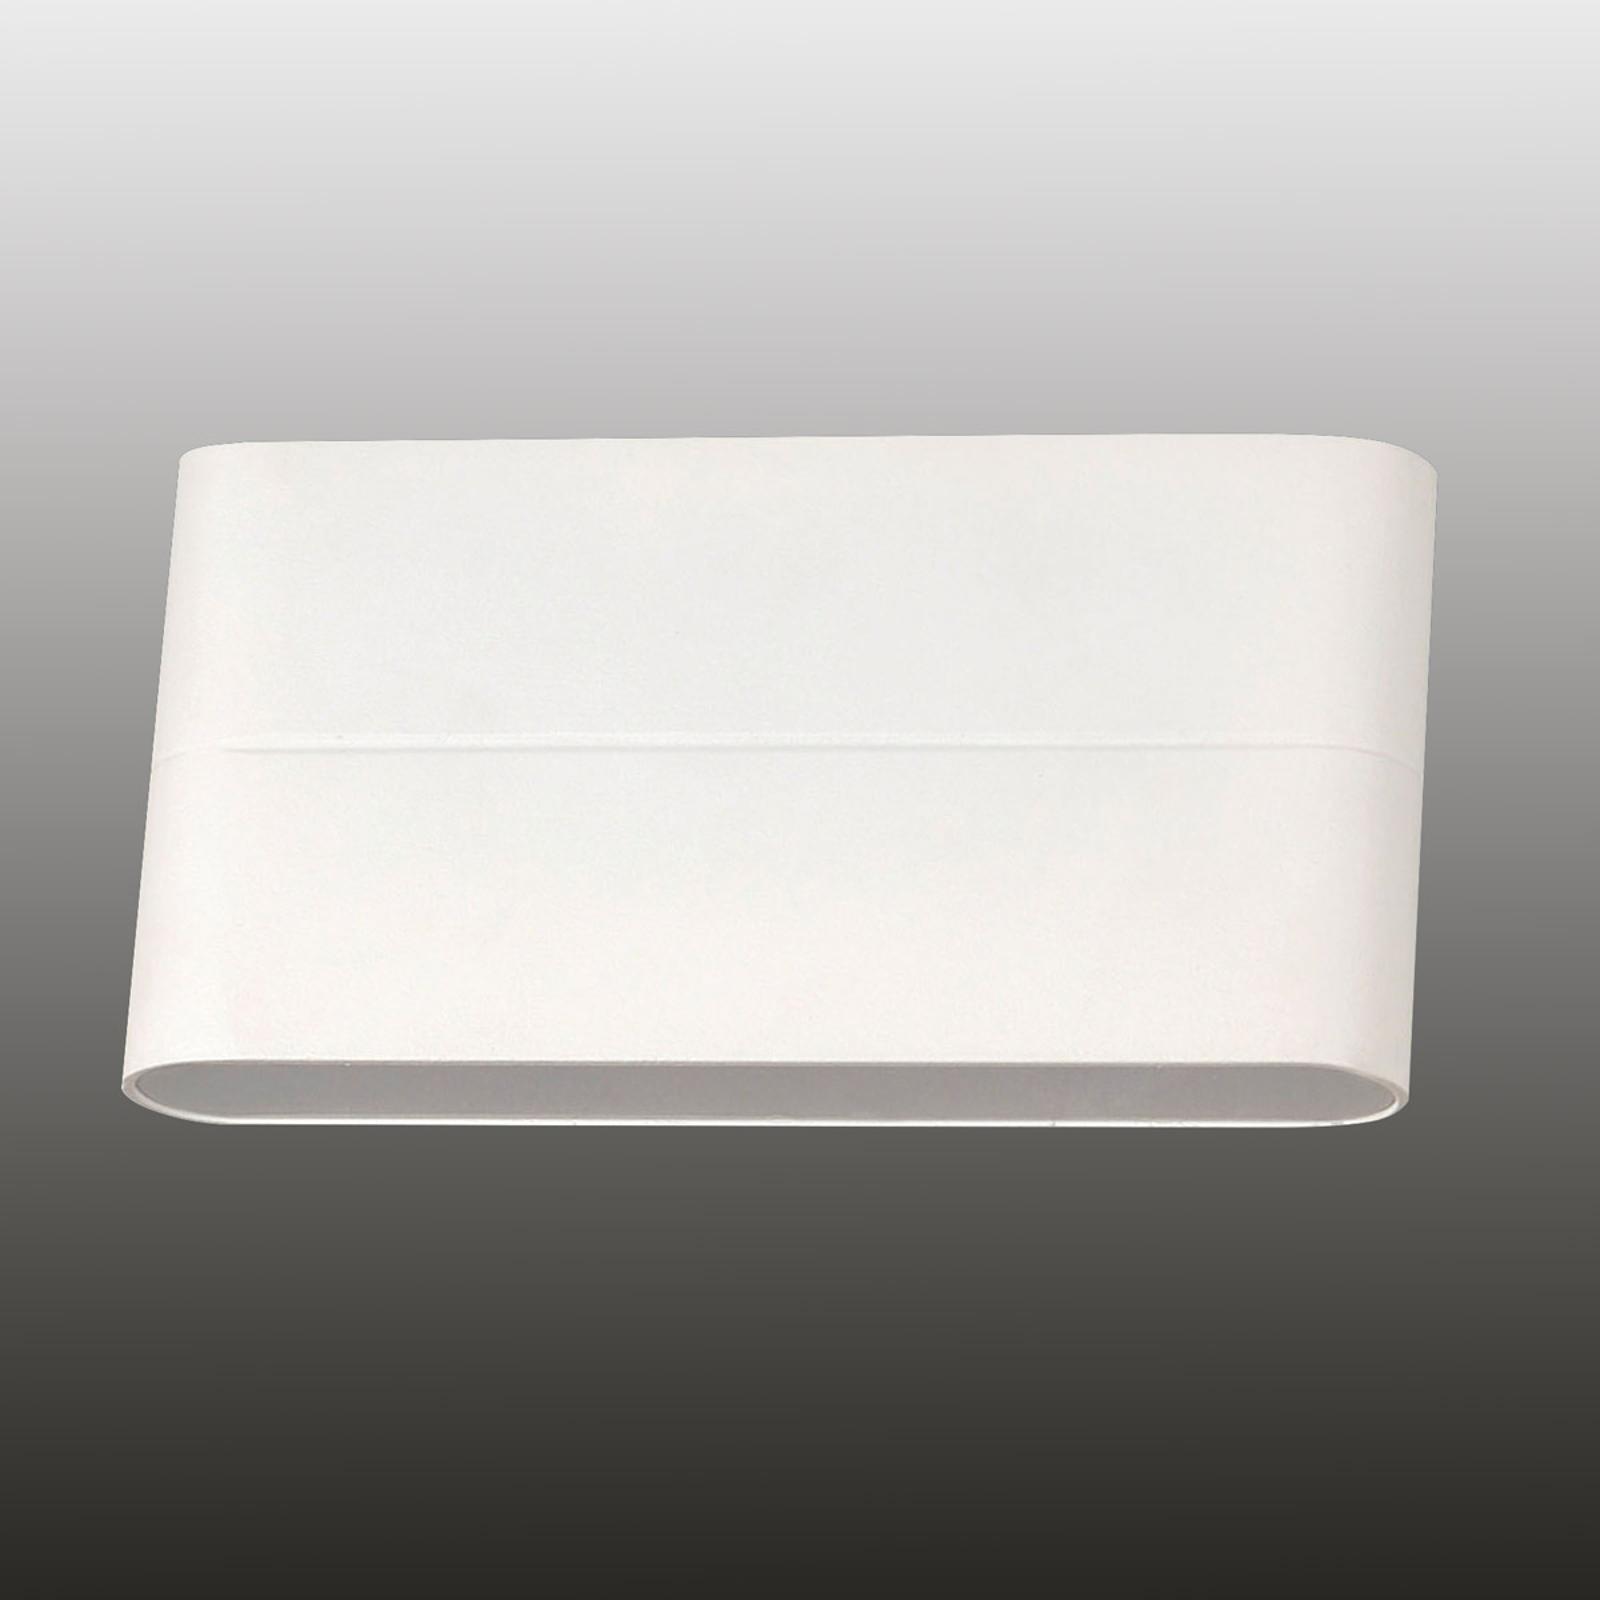 Casper udendørs LED-væglampe, hvid